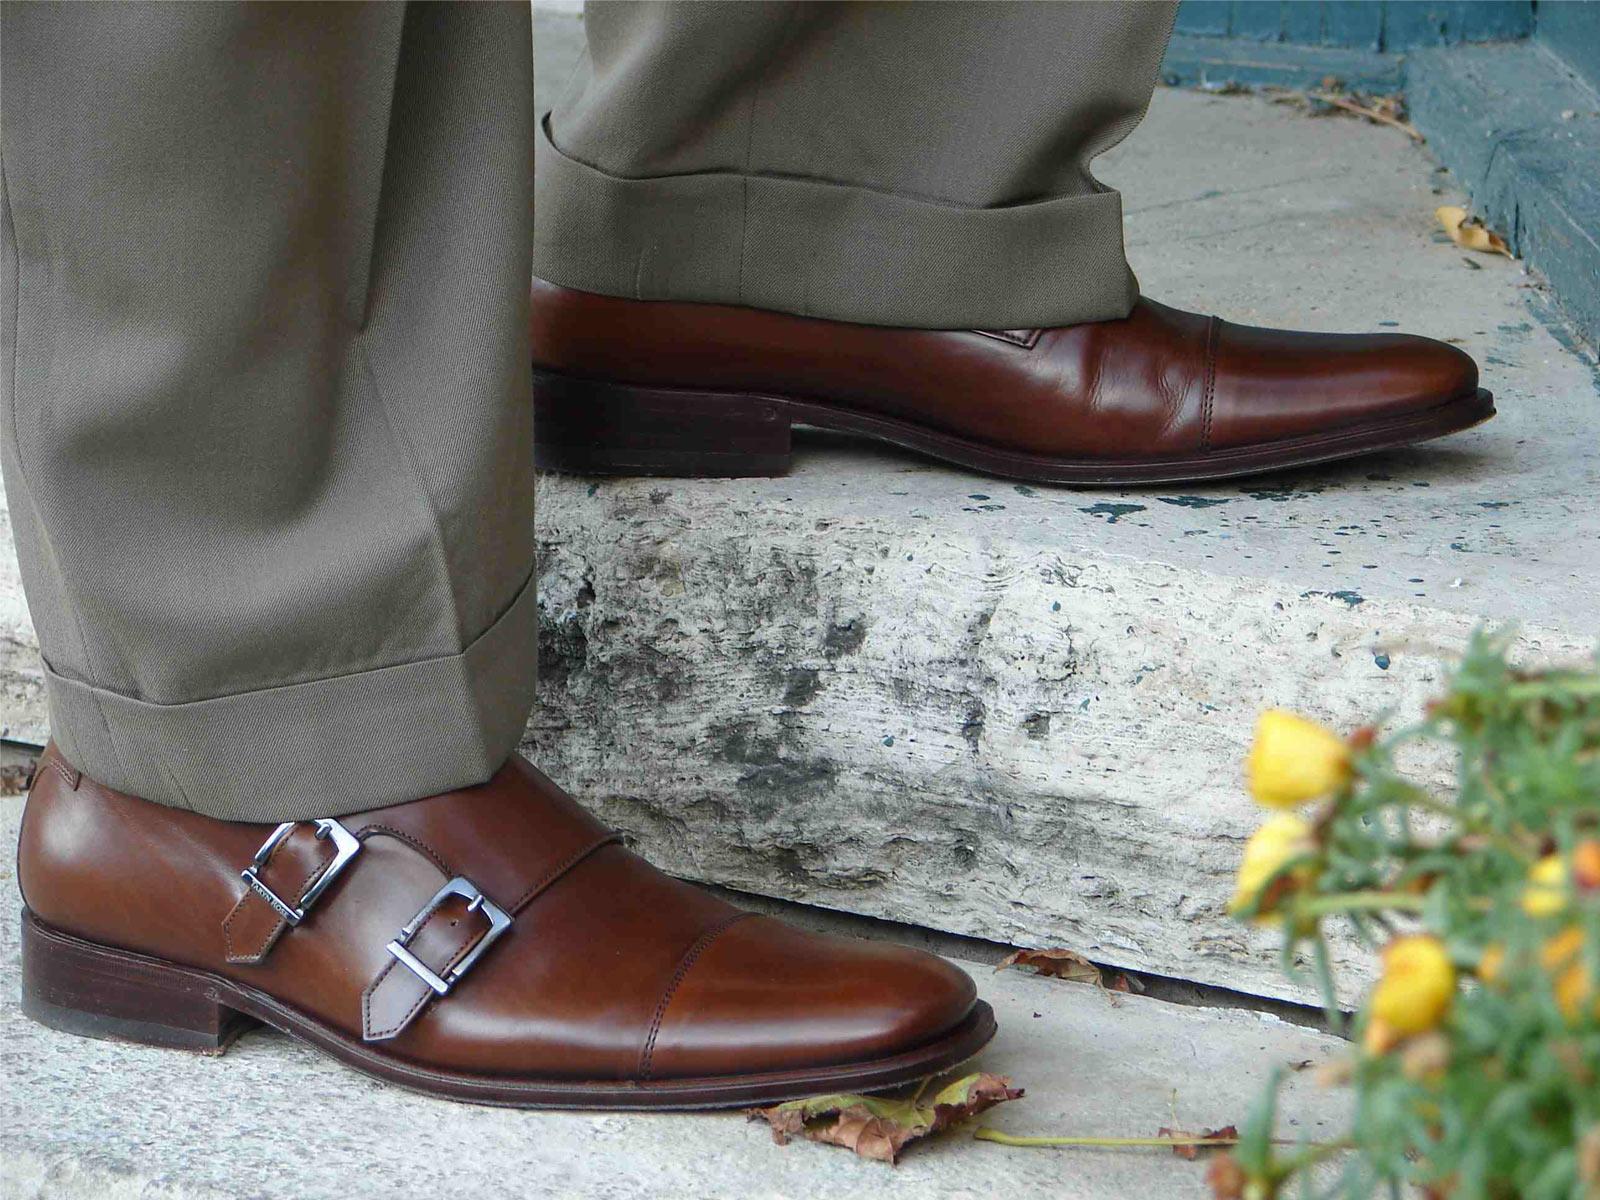 Обувь подчеркивает индивидуальность мужчины